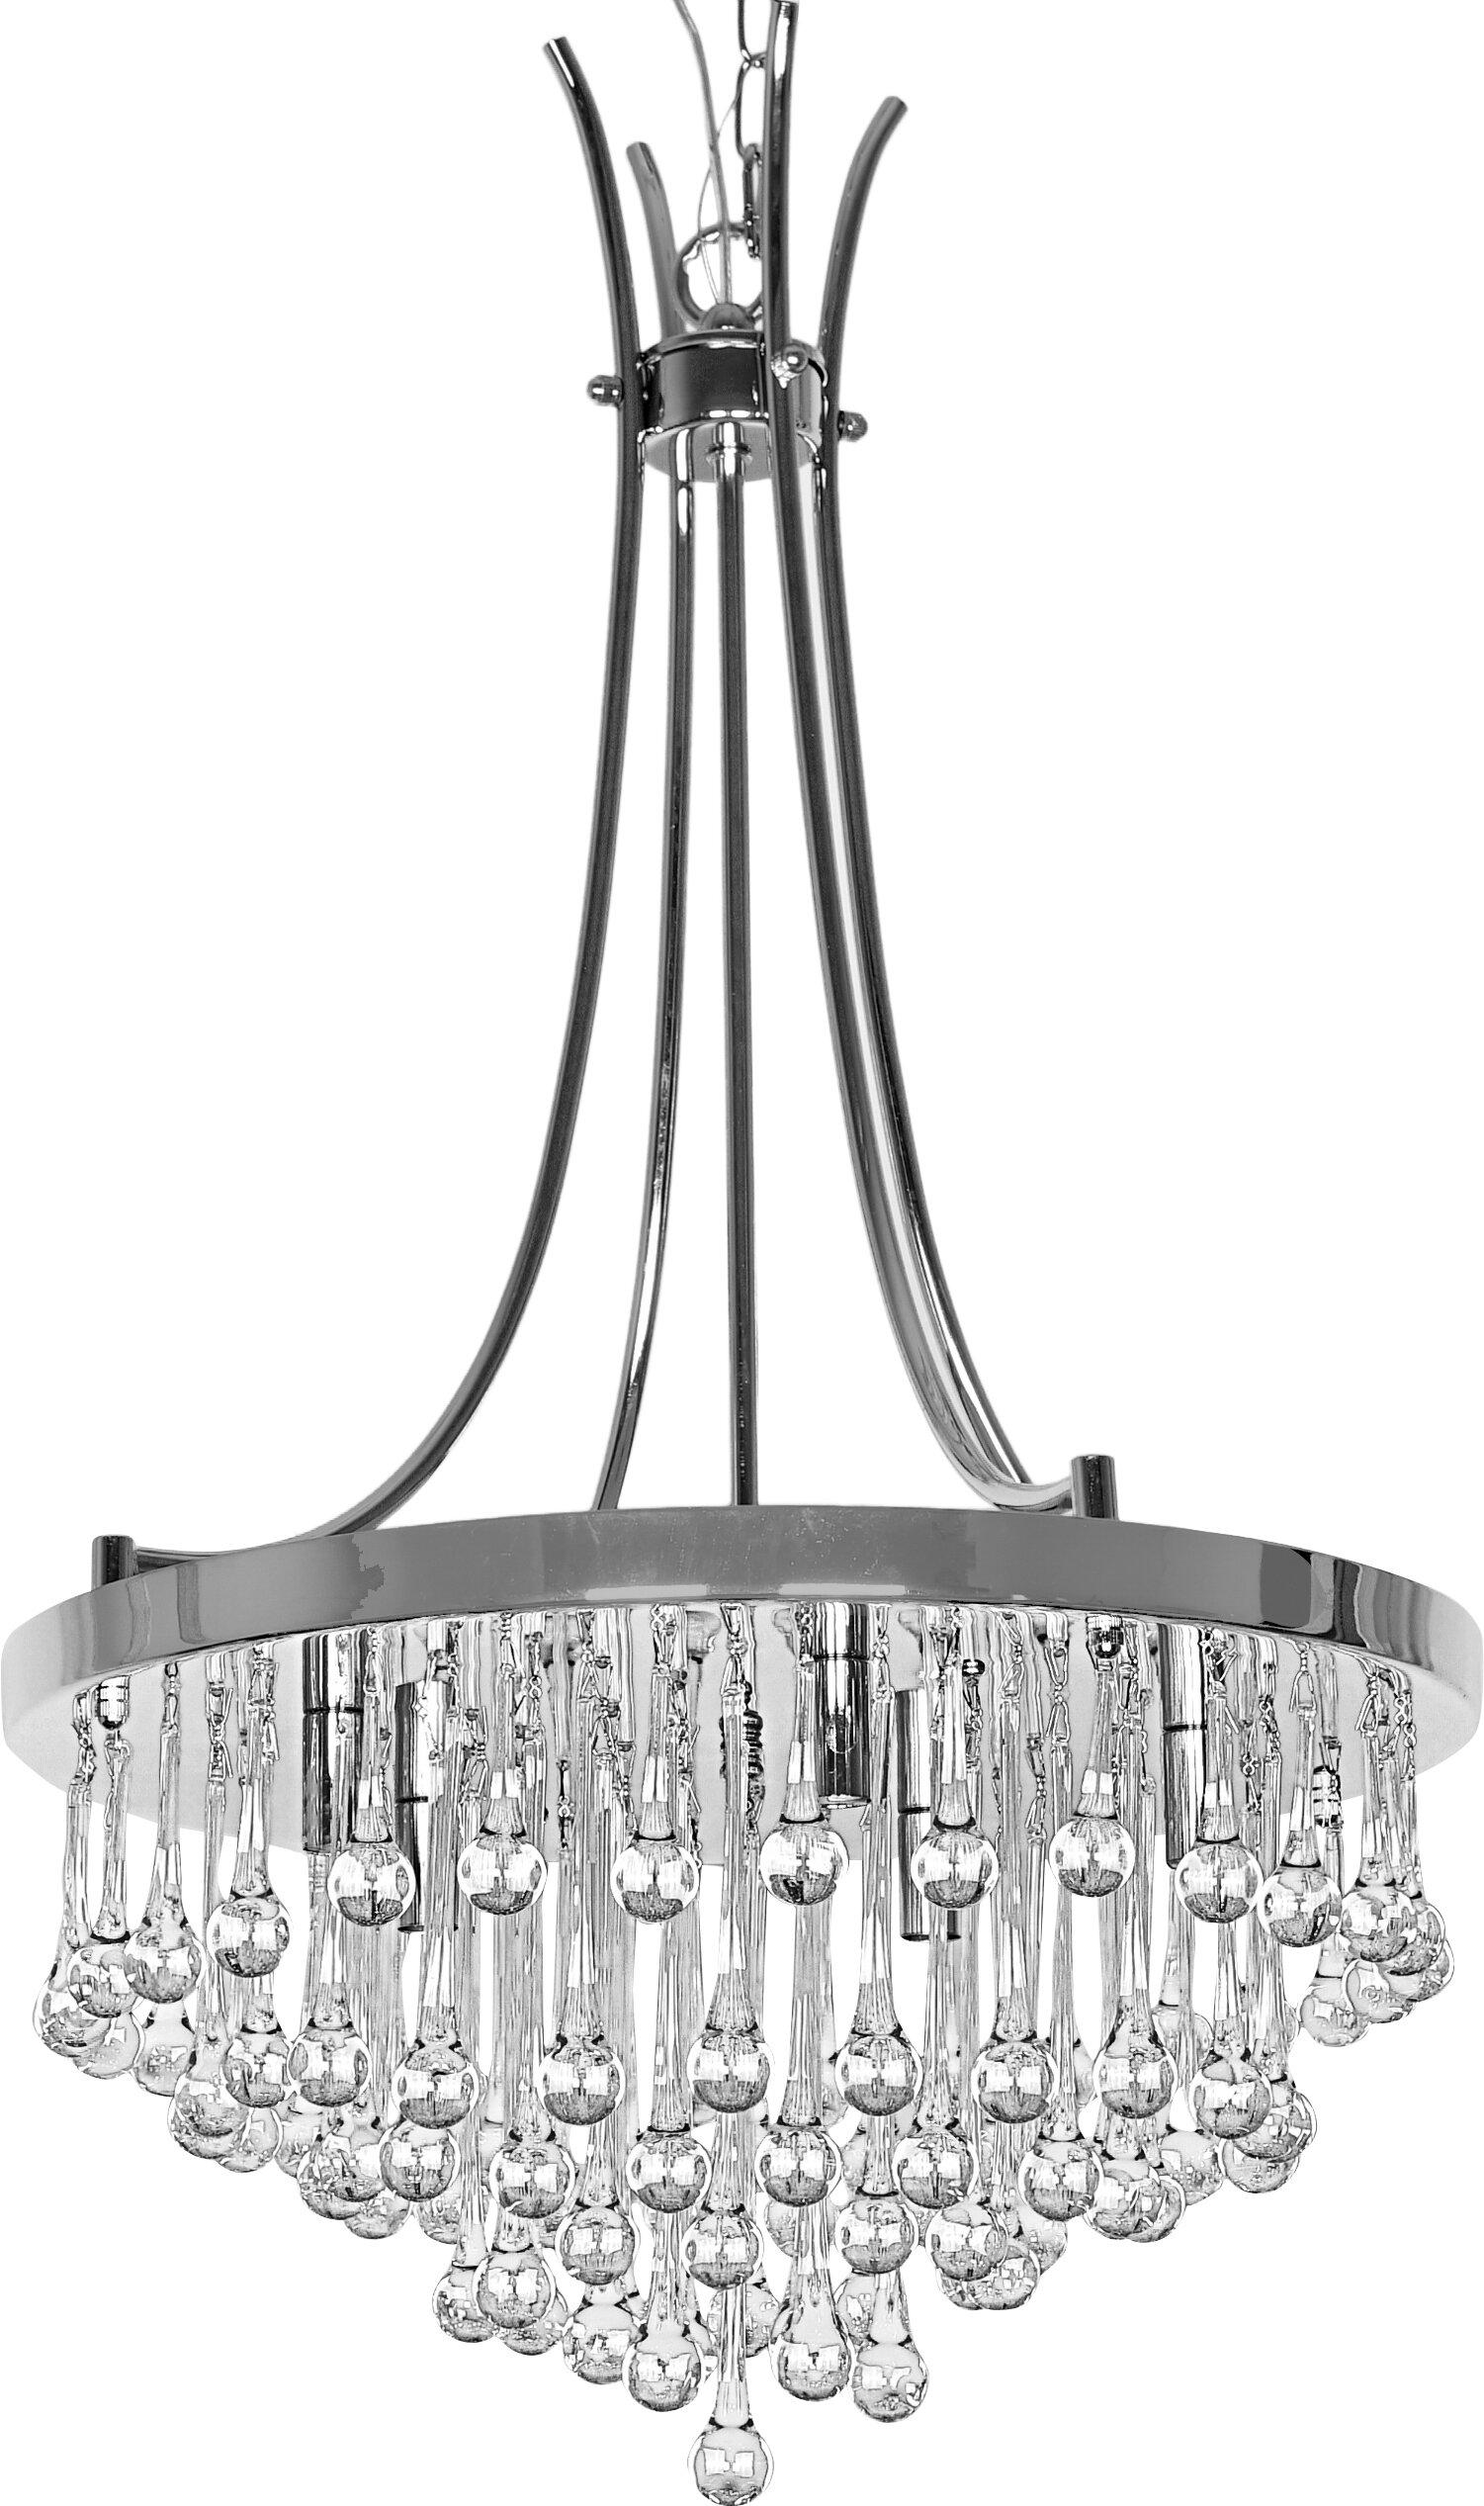 Gillette 5 Light Crystal Chandelier